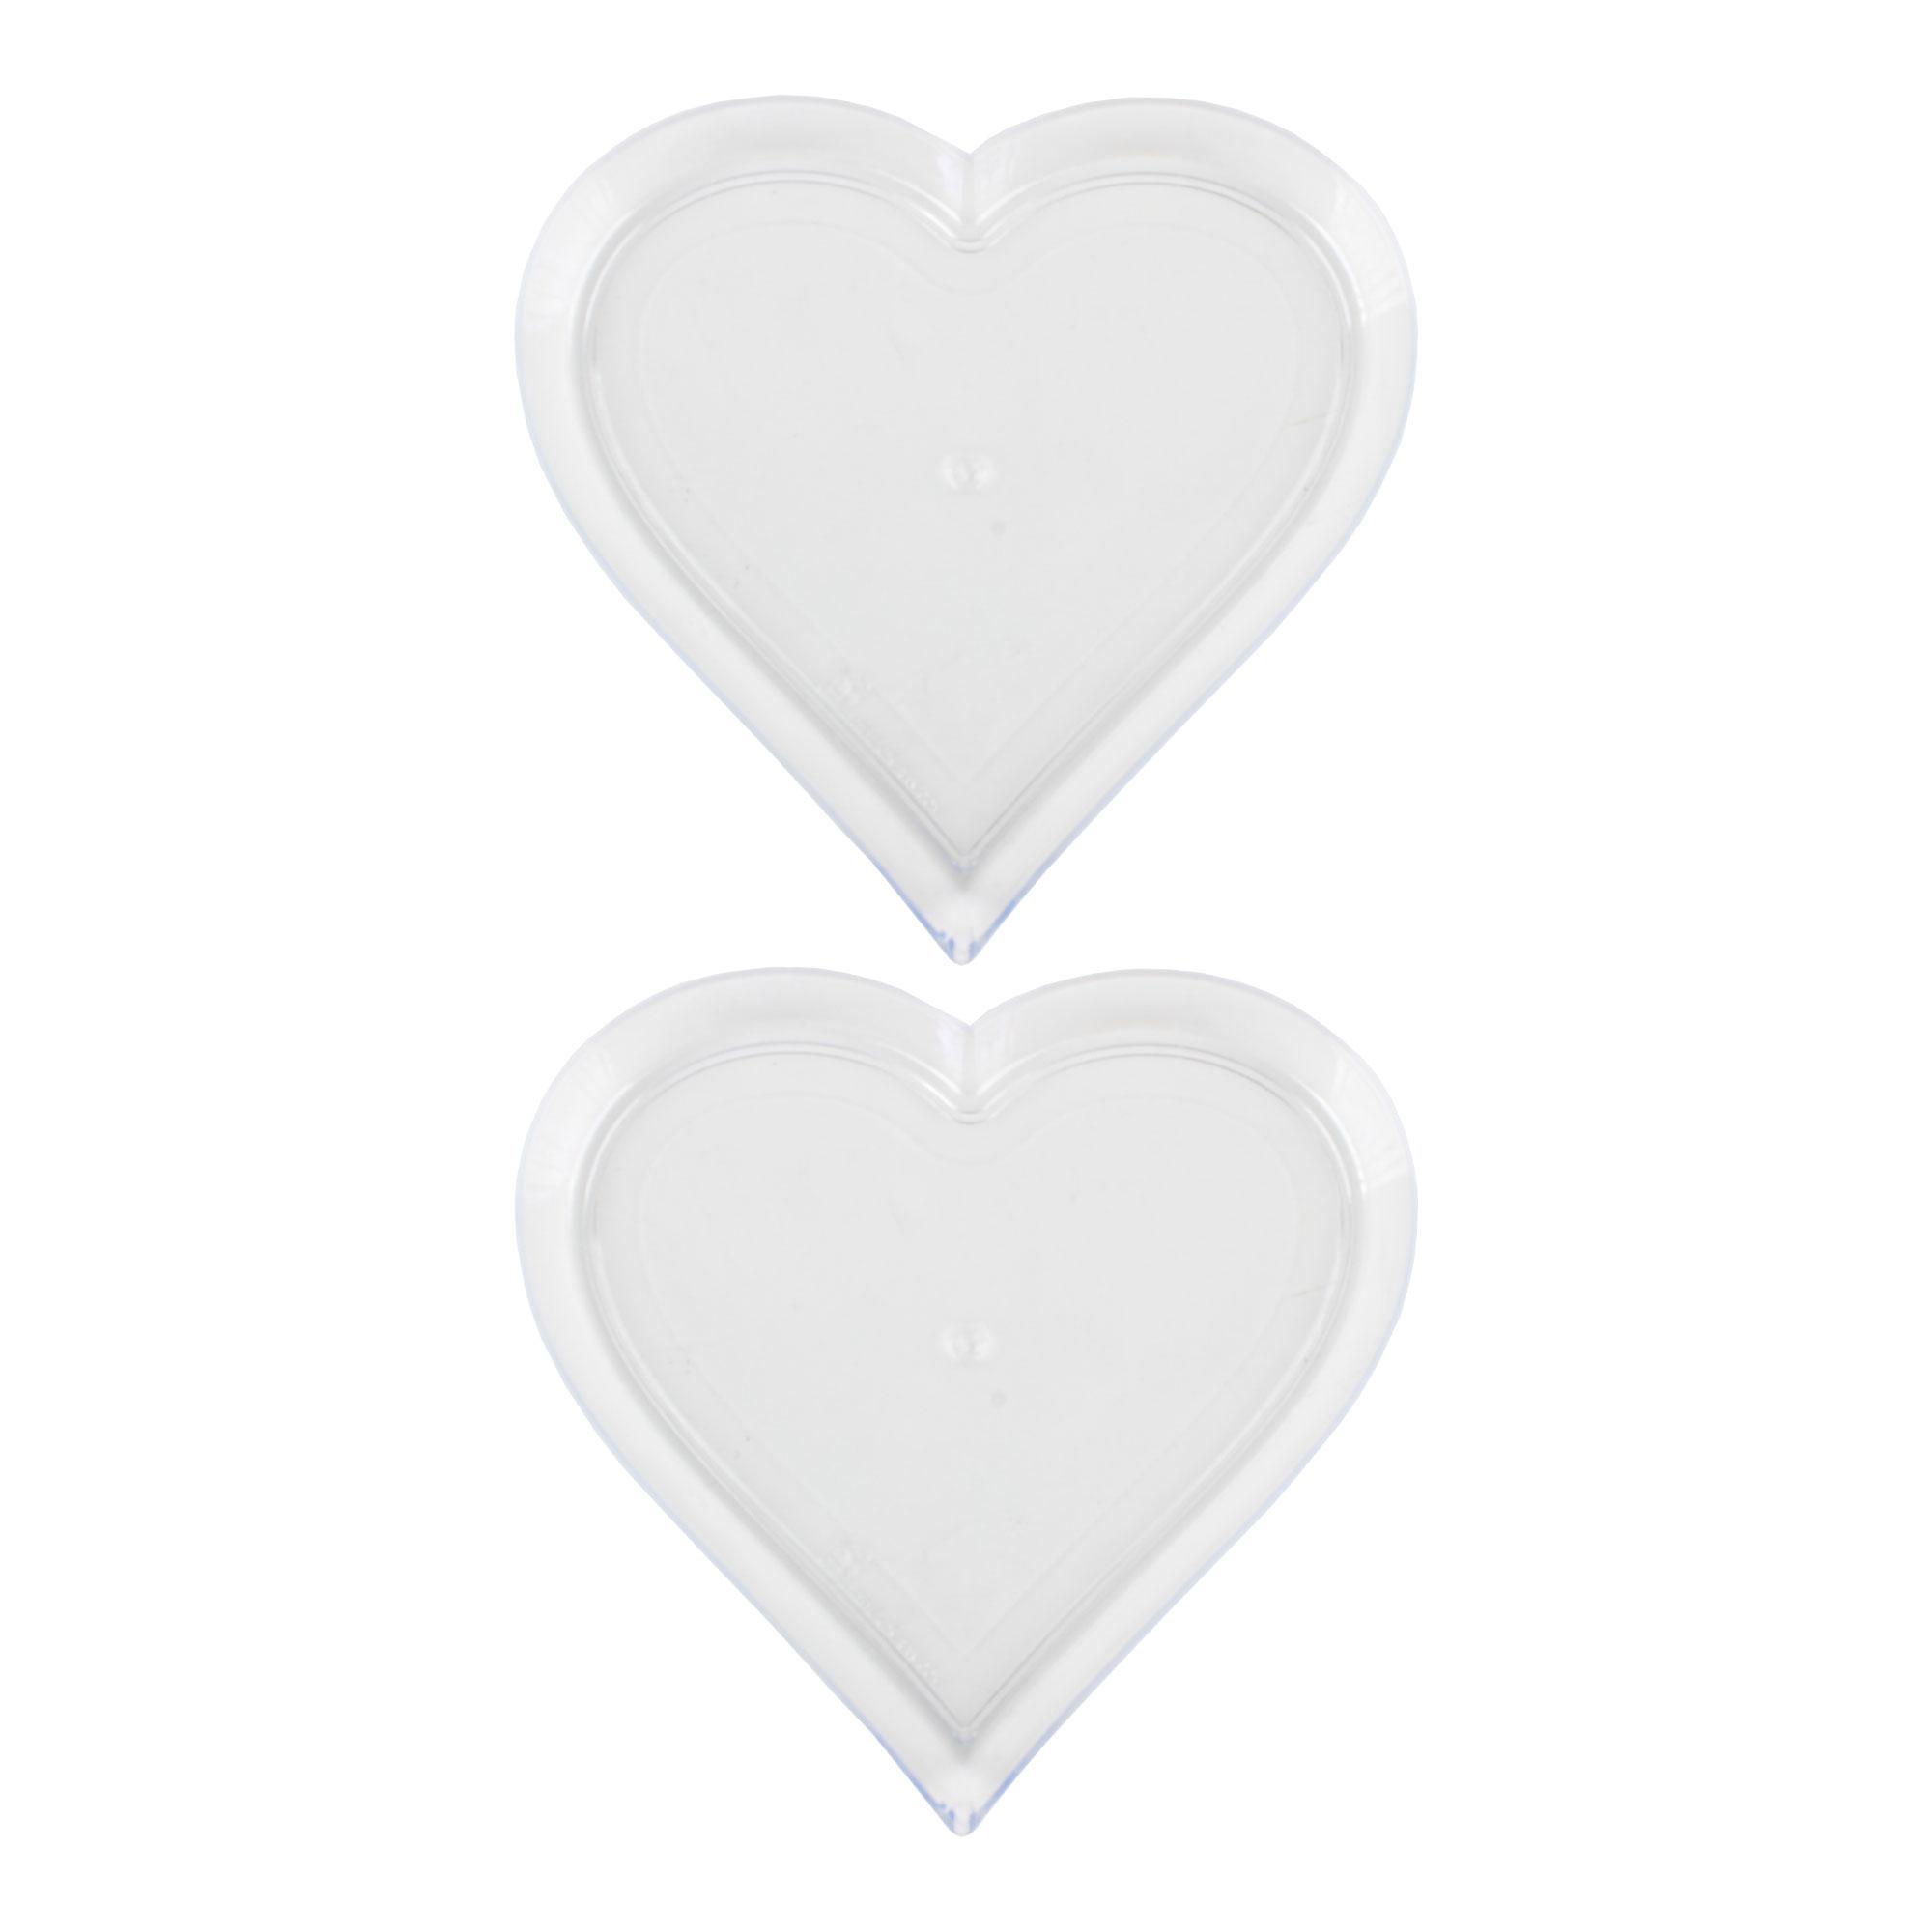 عکس سینی یکبارمصرف طرح قلب مدل S22 بسته 2 عددی